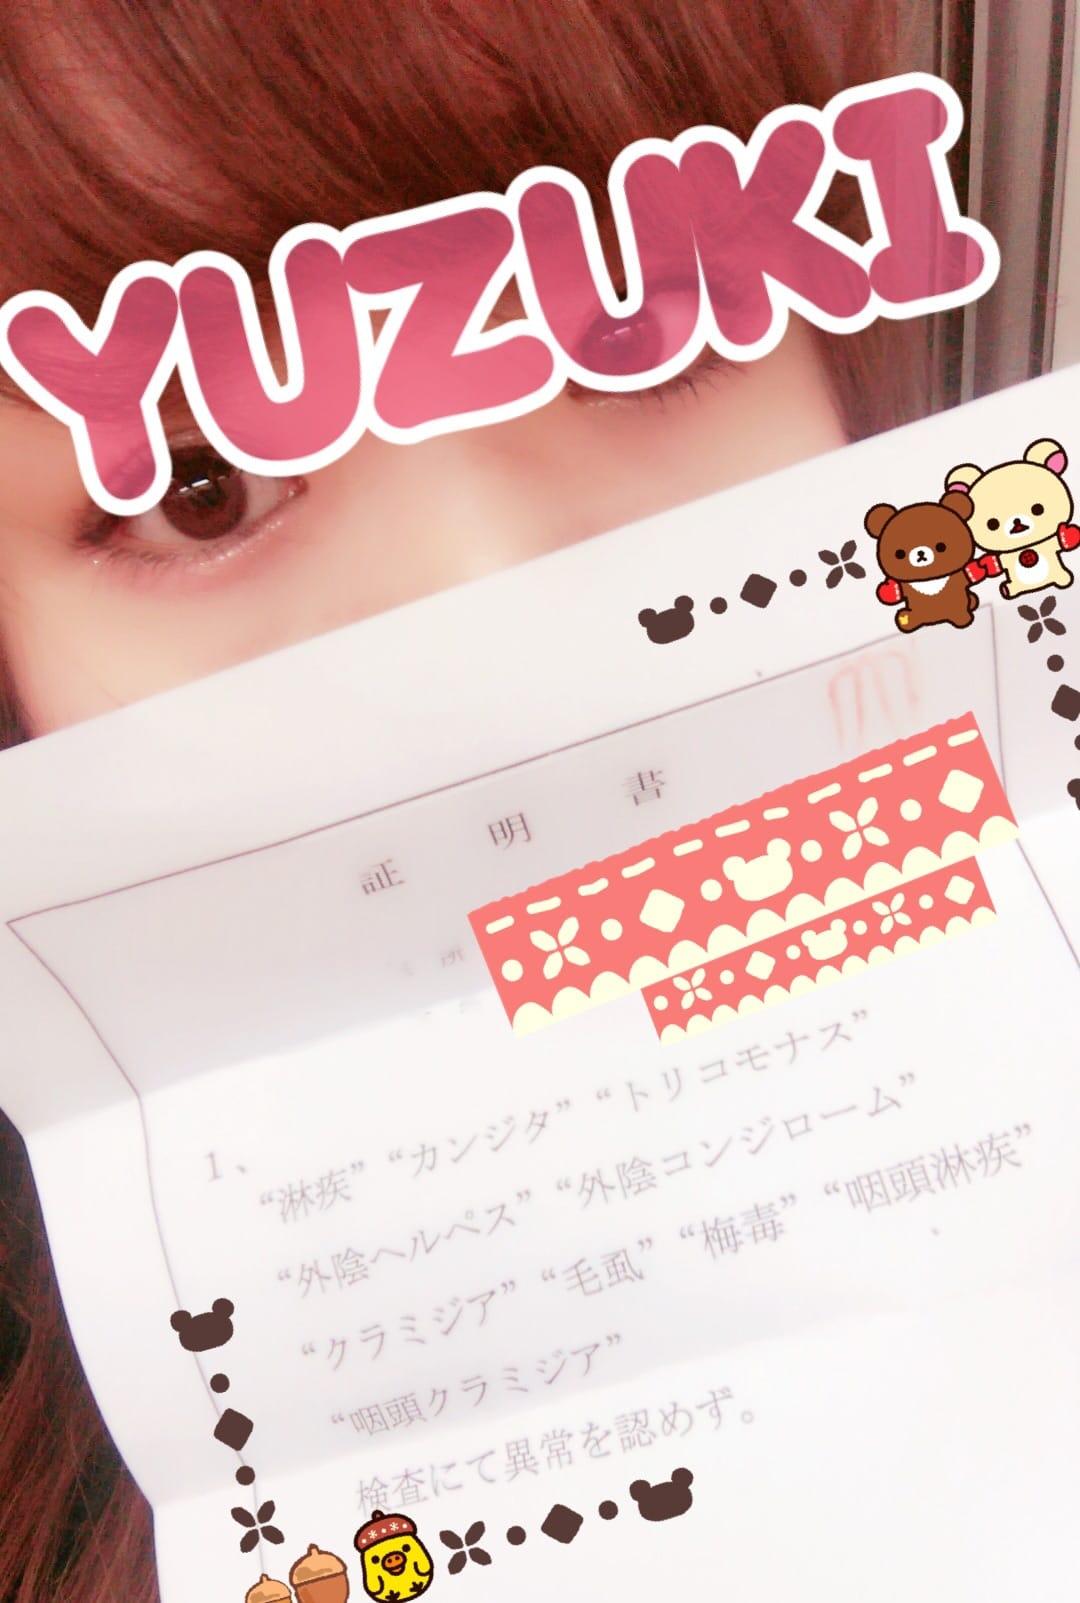 柚木~YUZUKI~「おはようございます!柚木です!」01/14(日) 12:22   柚木~YUZUKI~の写メ・風俗動画